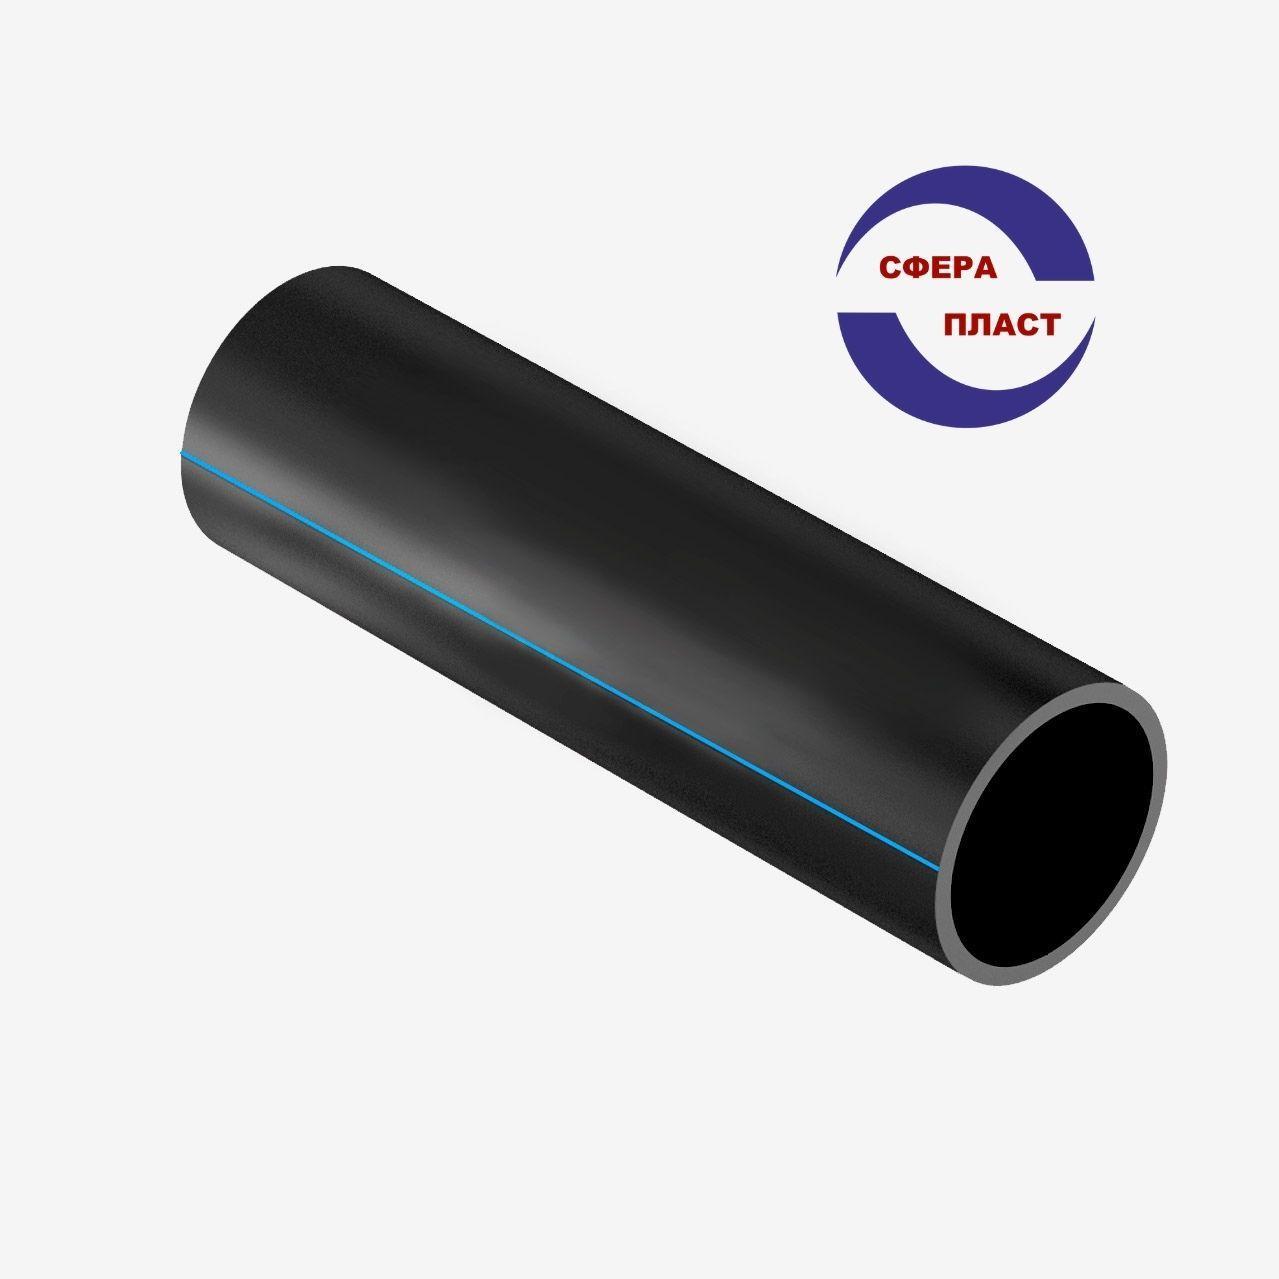 Труба Ду-110x10,0 SDR11 (16 атм) полиэтиленовая ПЭ-100